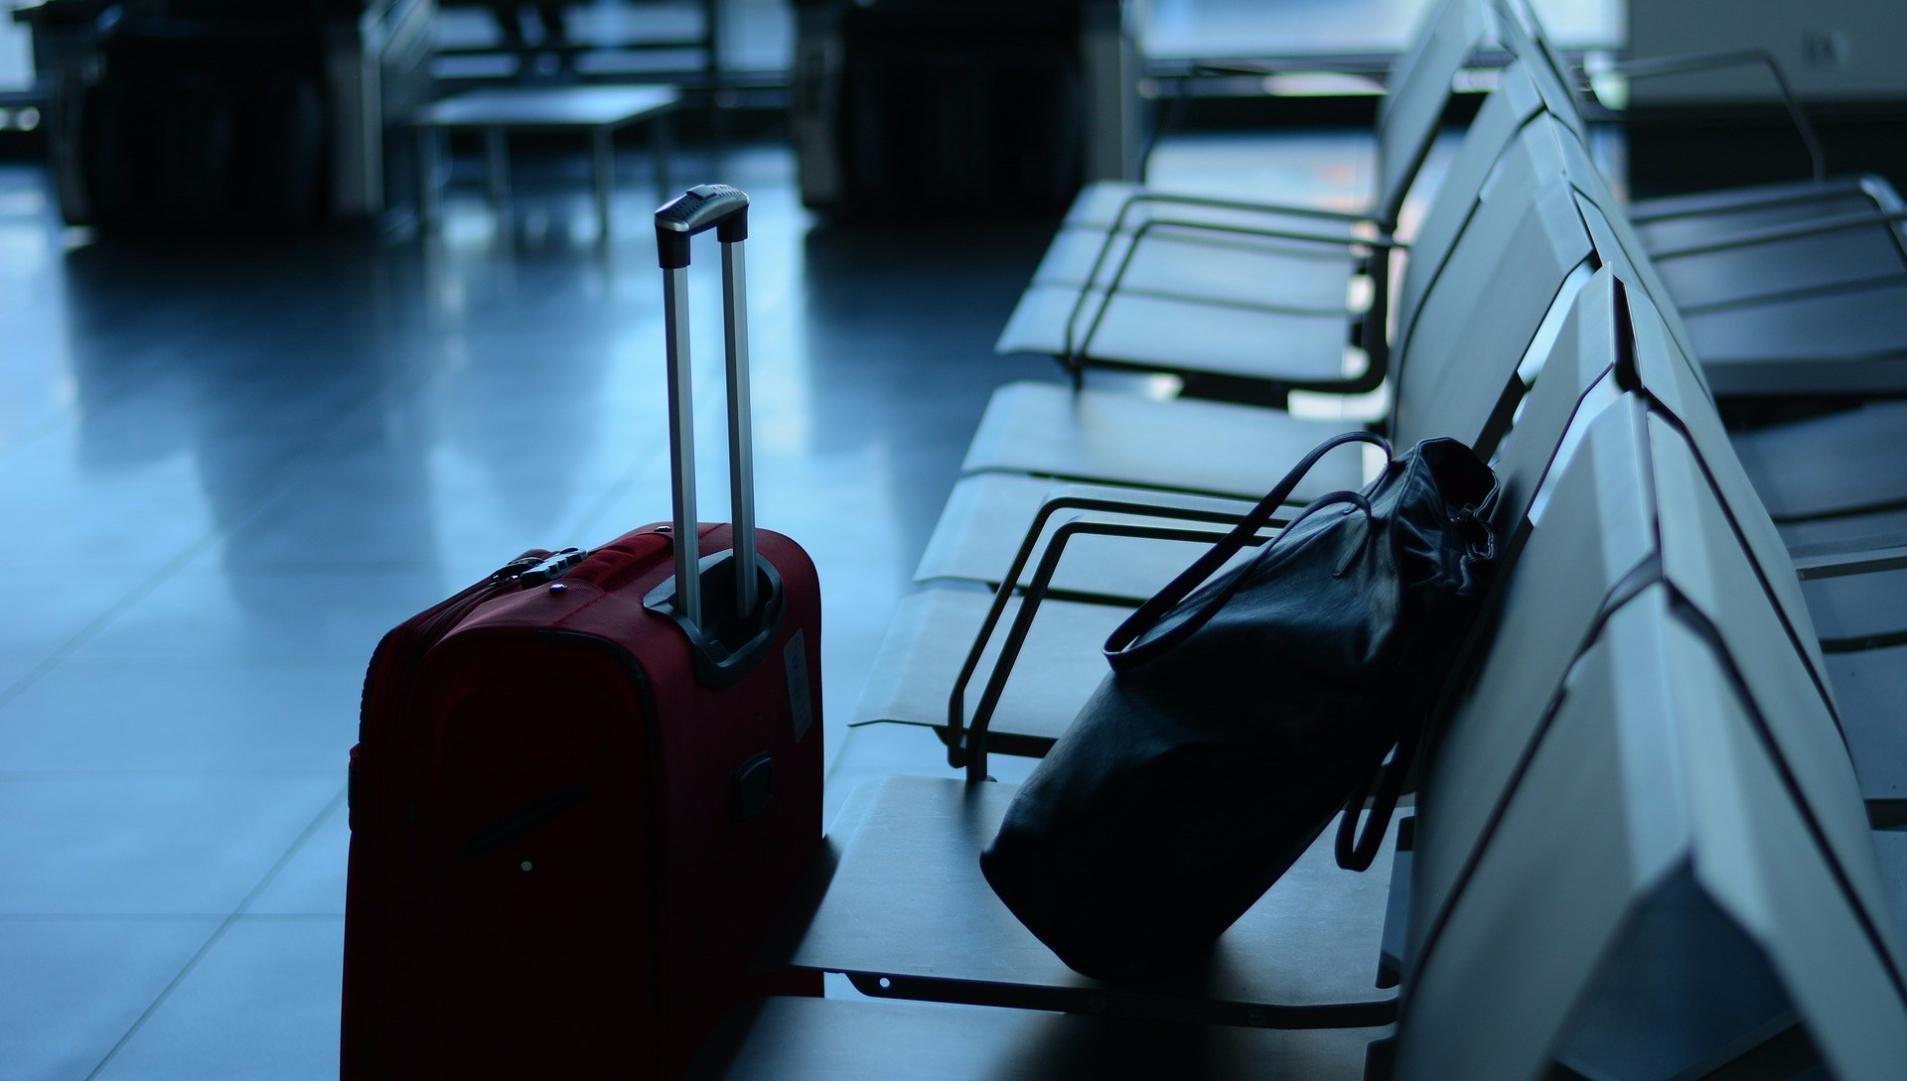 airport-519020_1920-e1509746258384.jpg